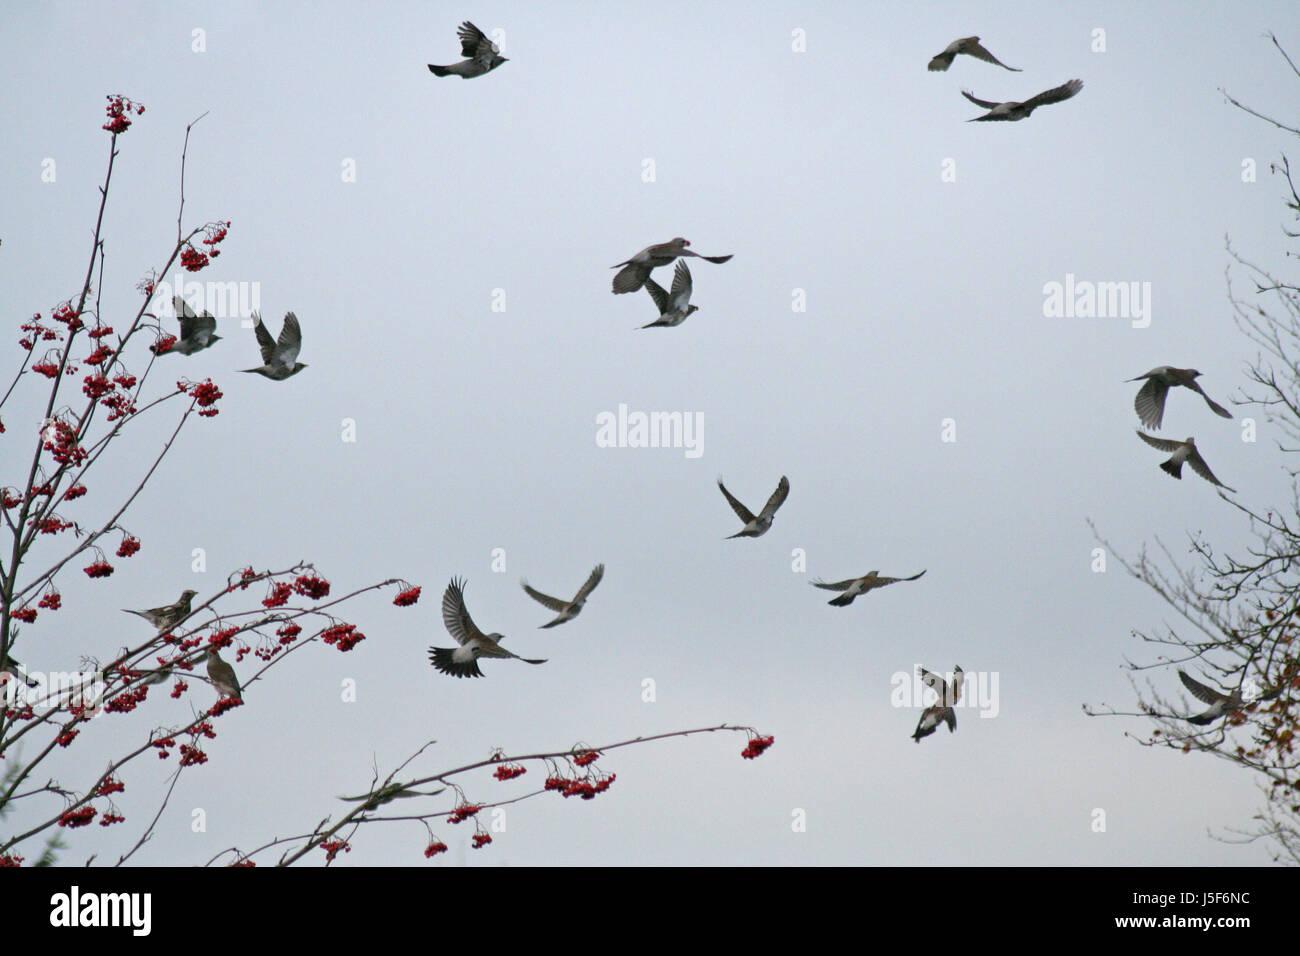 Bird marrón parduzco aves morena Europa resina ala visita rowan bayas tirar Foto de stock